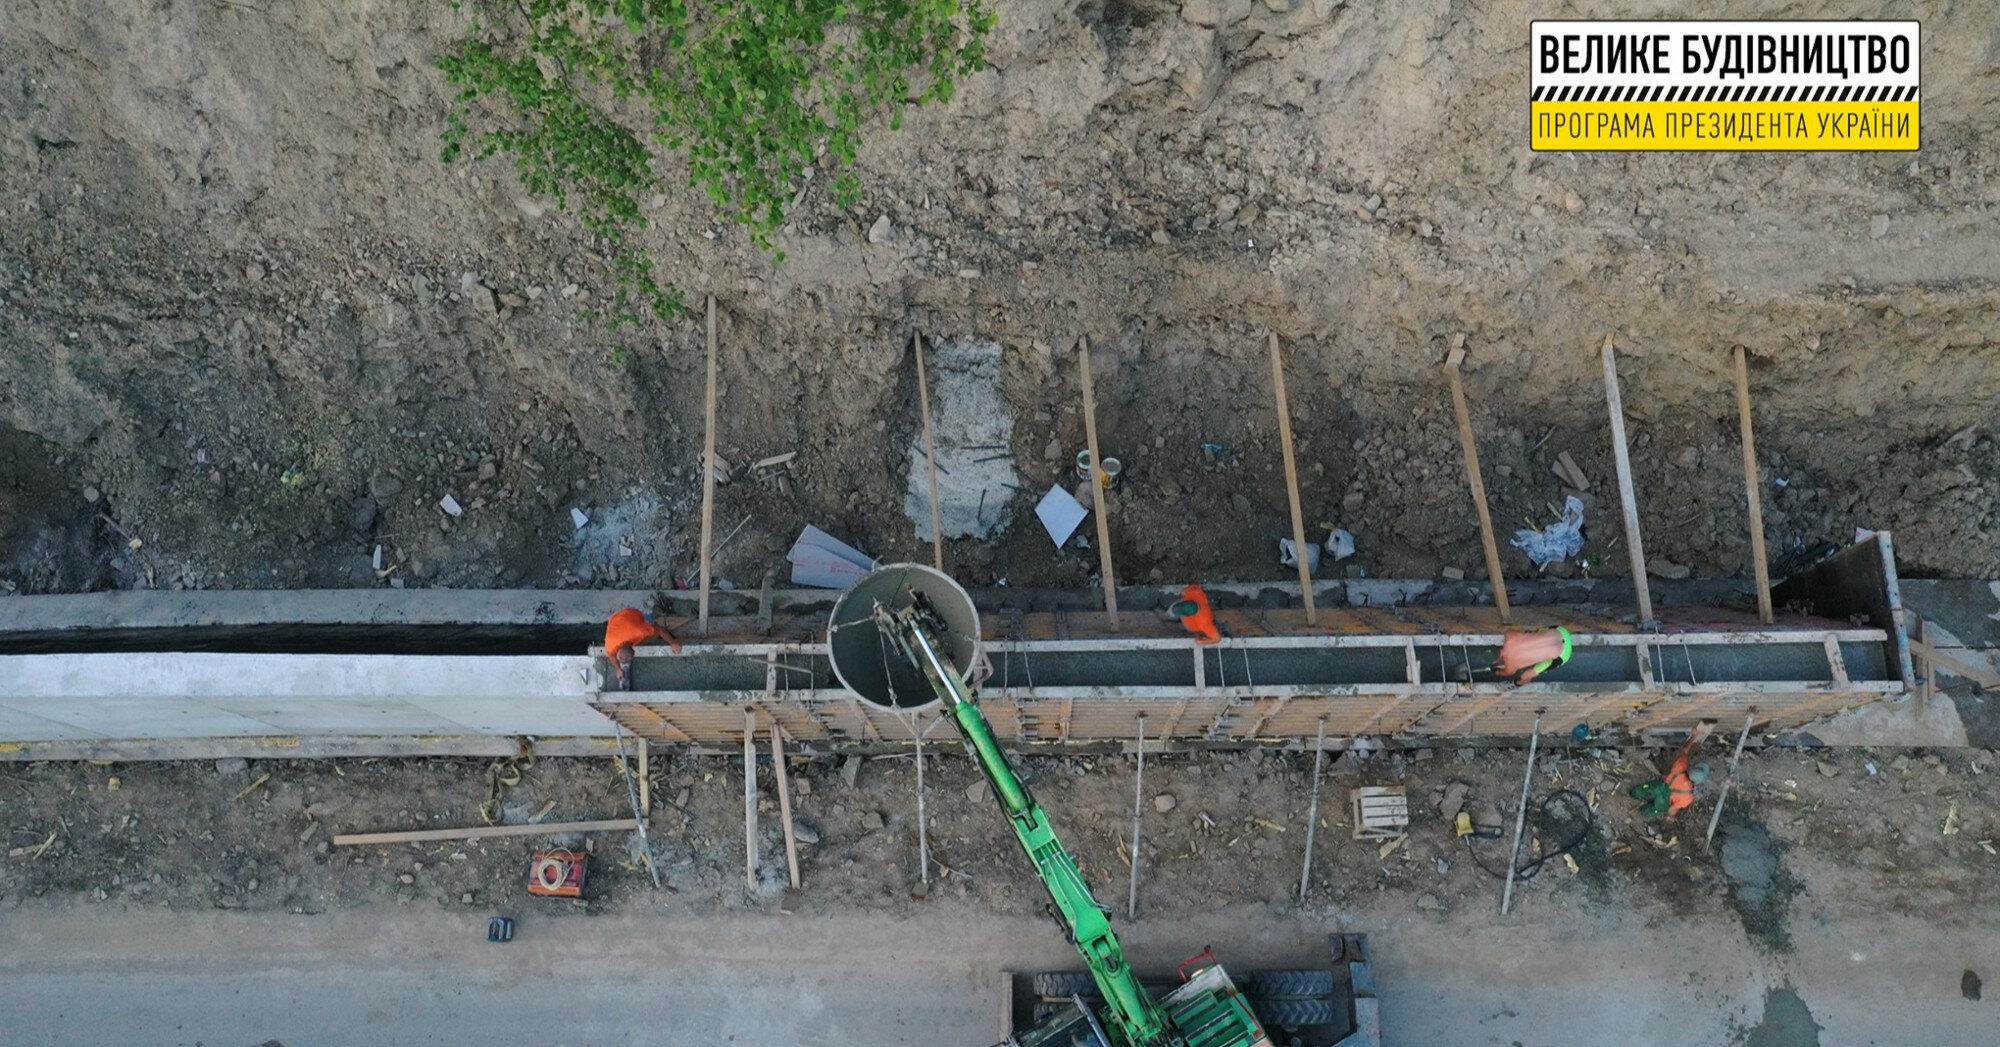 """Фінішує """"Велике будівництво"""" однієї з найдовших підпірних стінок"""